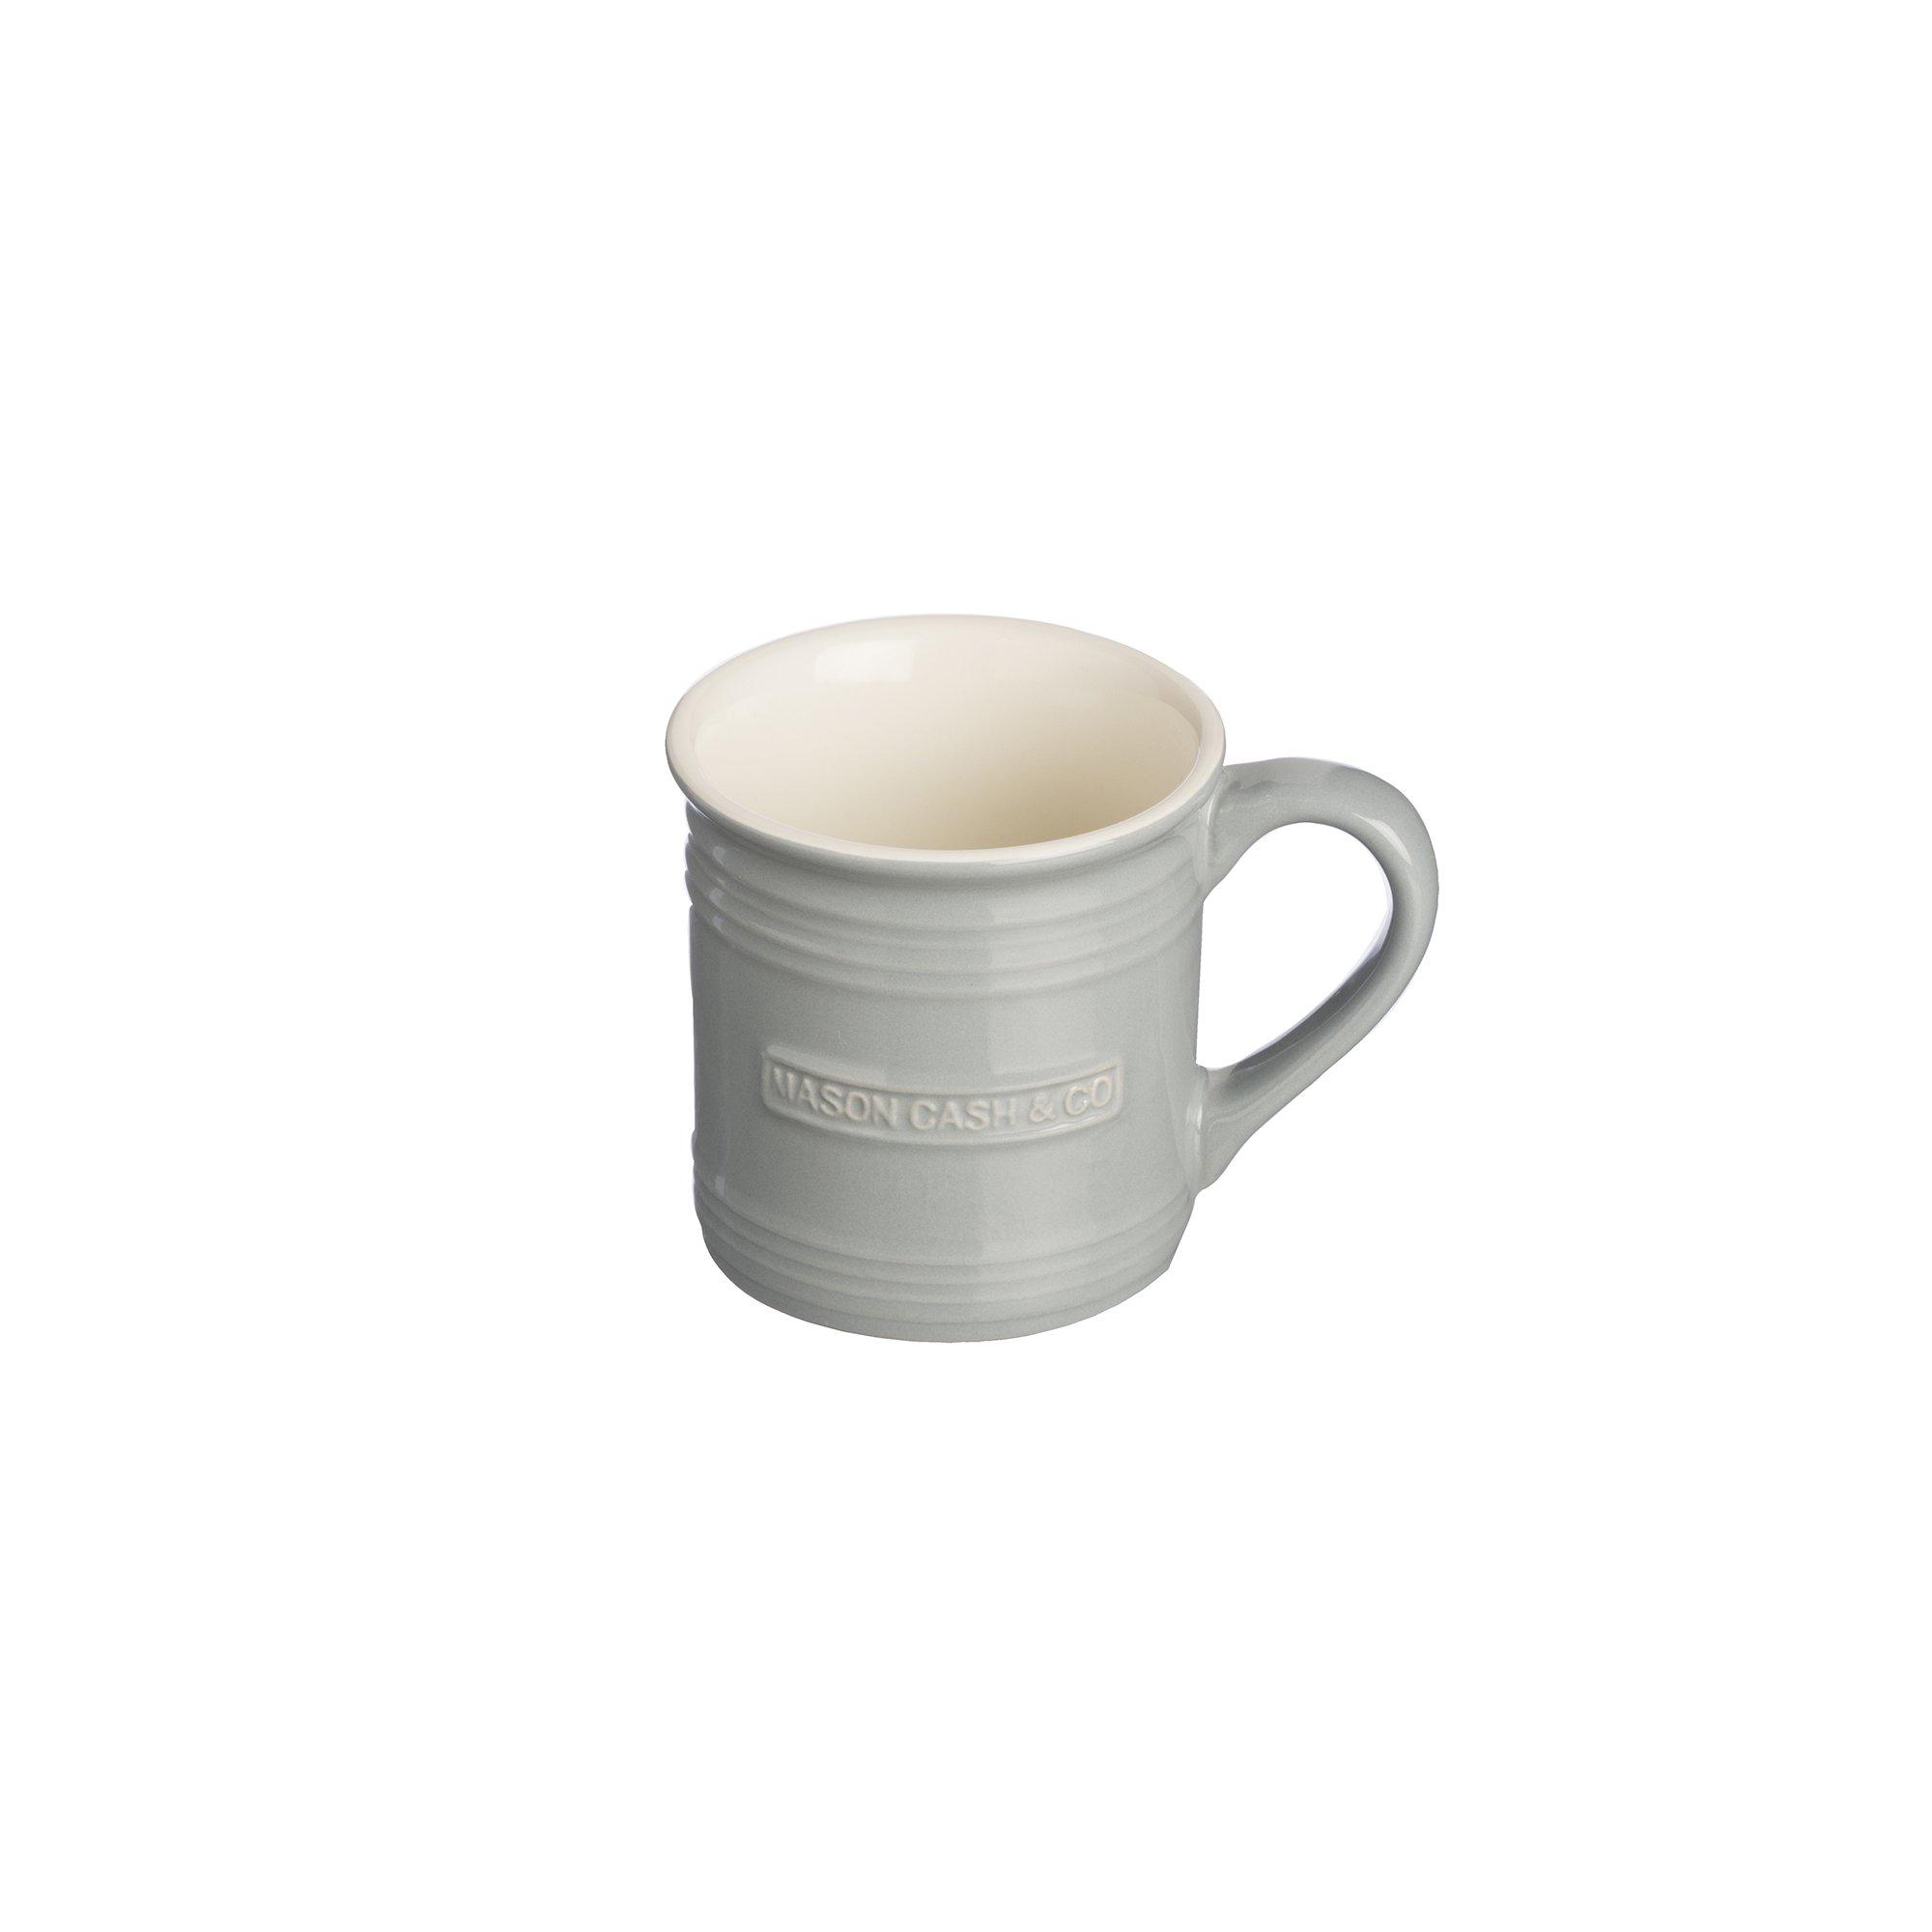 Mason Cash Original Stoneware Espresso Mug, 4-Fluid Ounces, Grey